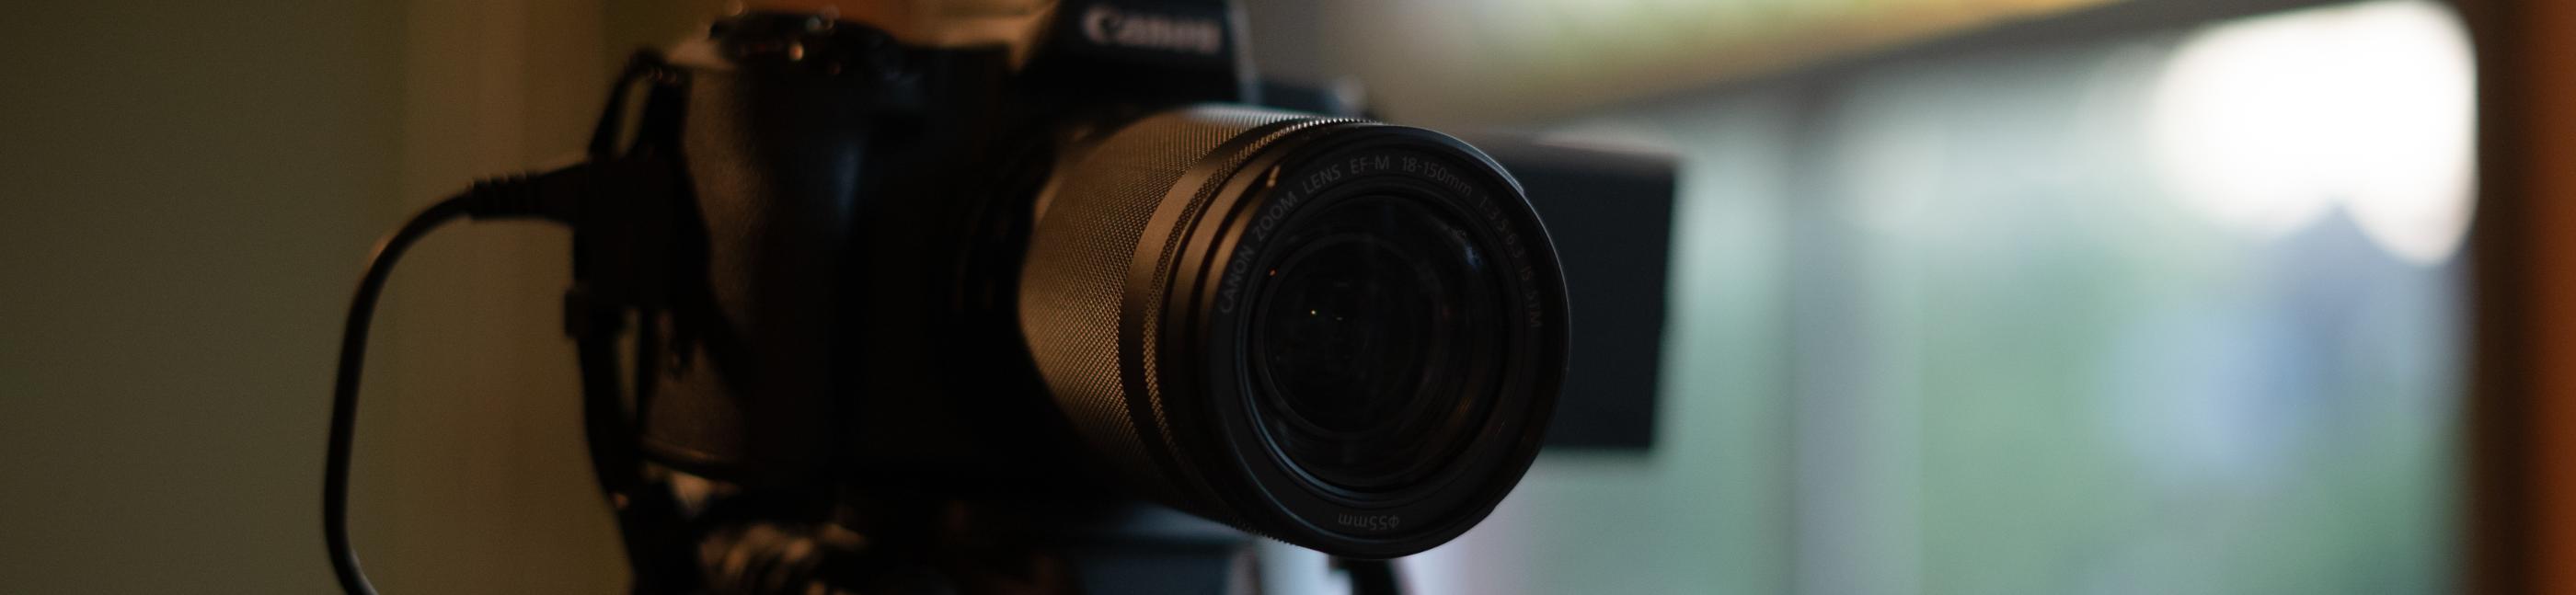 Pubquiz Camera Stream